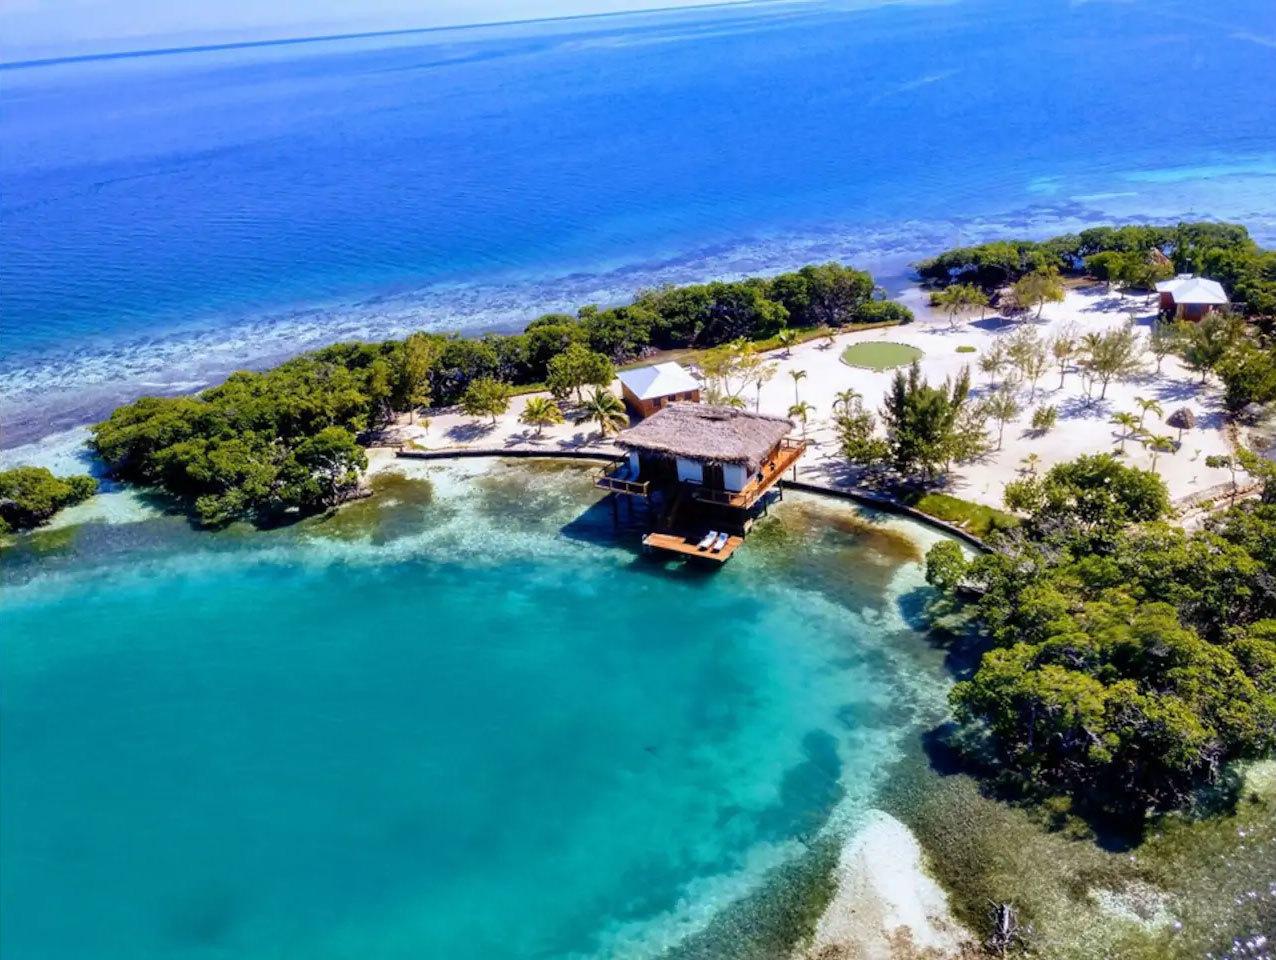 El azul más profundo de la foto es el Caribe y las aguas más...